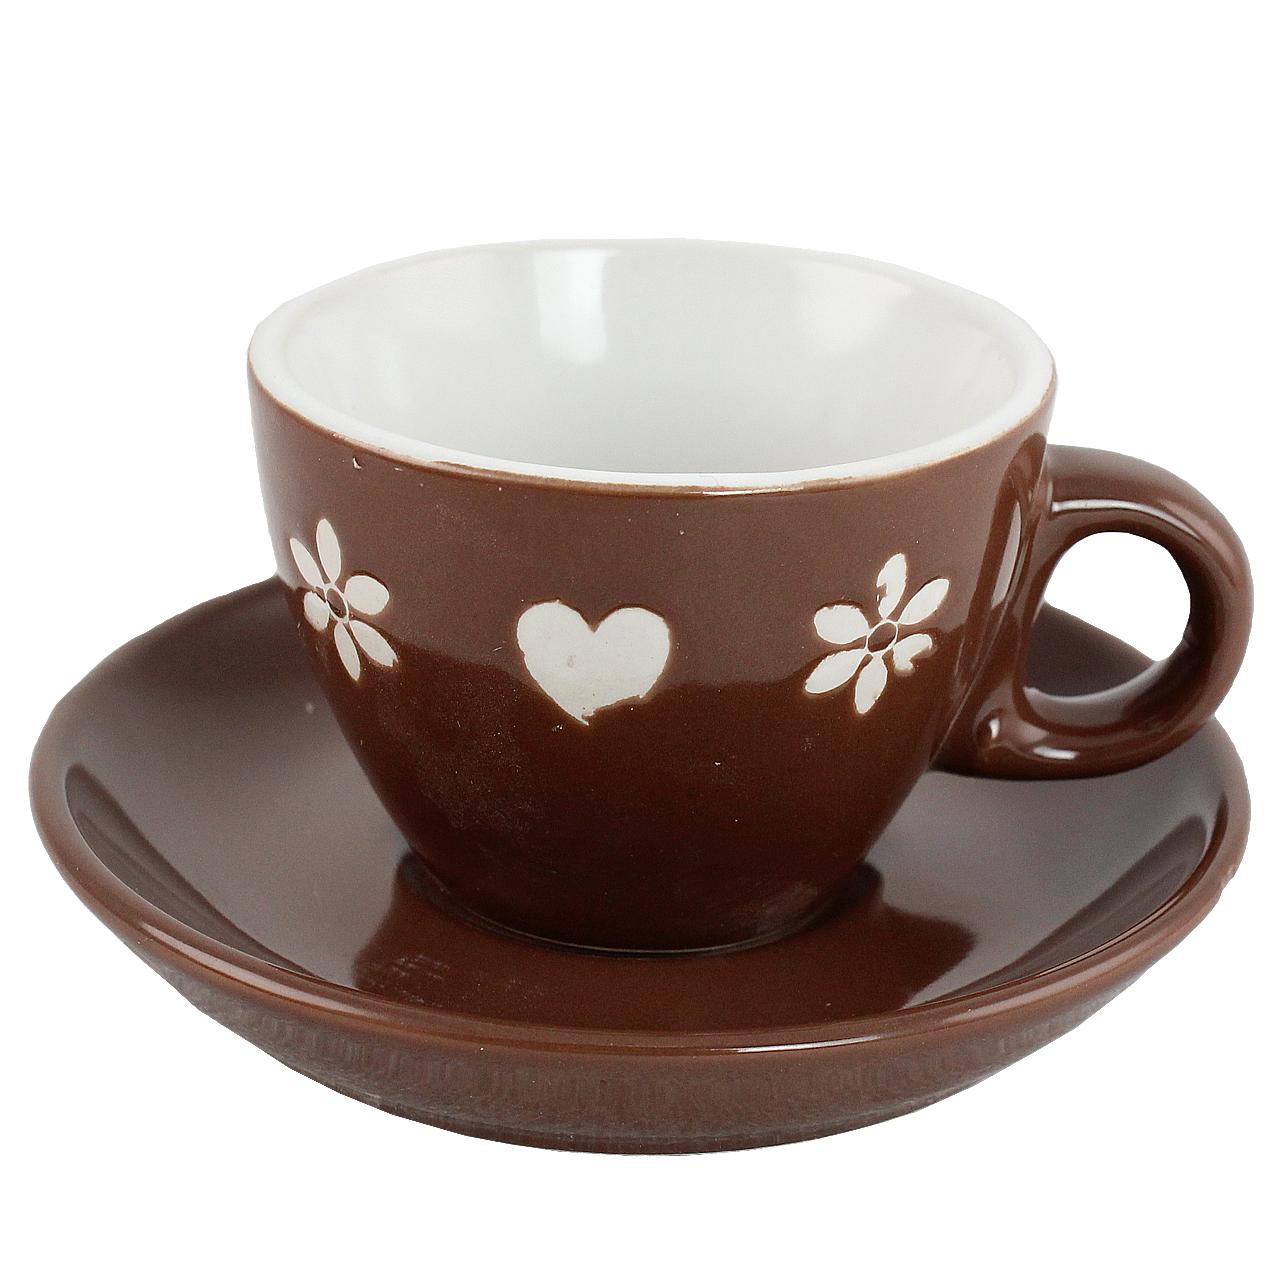 Ceasca Cu Farfurie Cu Inimi Si Flori Din Ceramica Maro